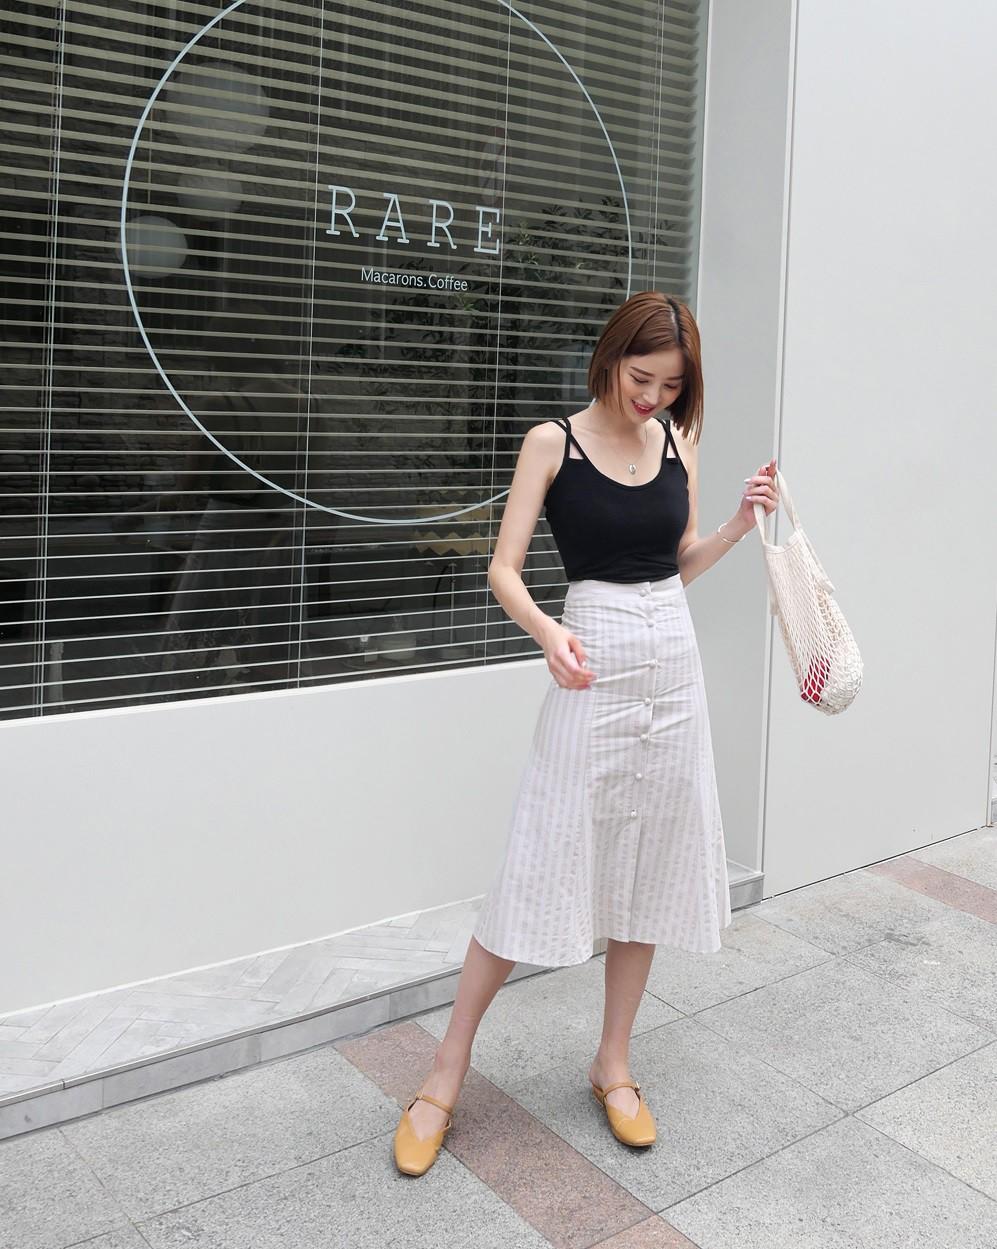 Chân váy midi vừa chống nắng lại có tới tận 4 cách lên đồ cực xinh thế này thì ngại gì mà không thử! - Ảnh 5